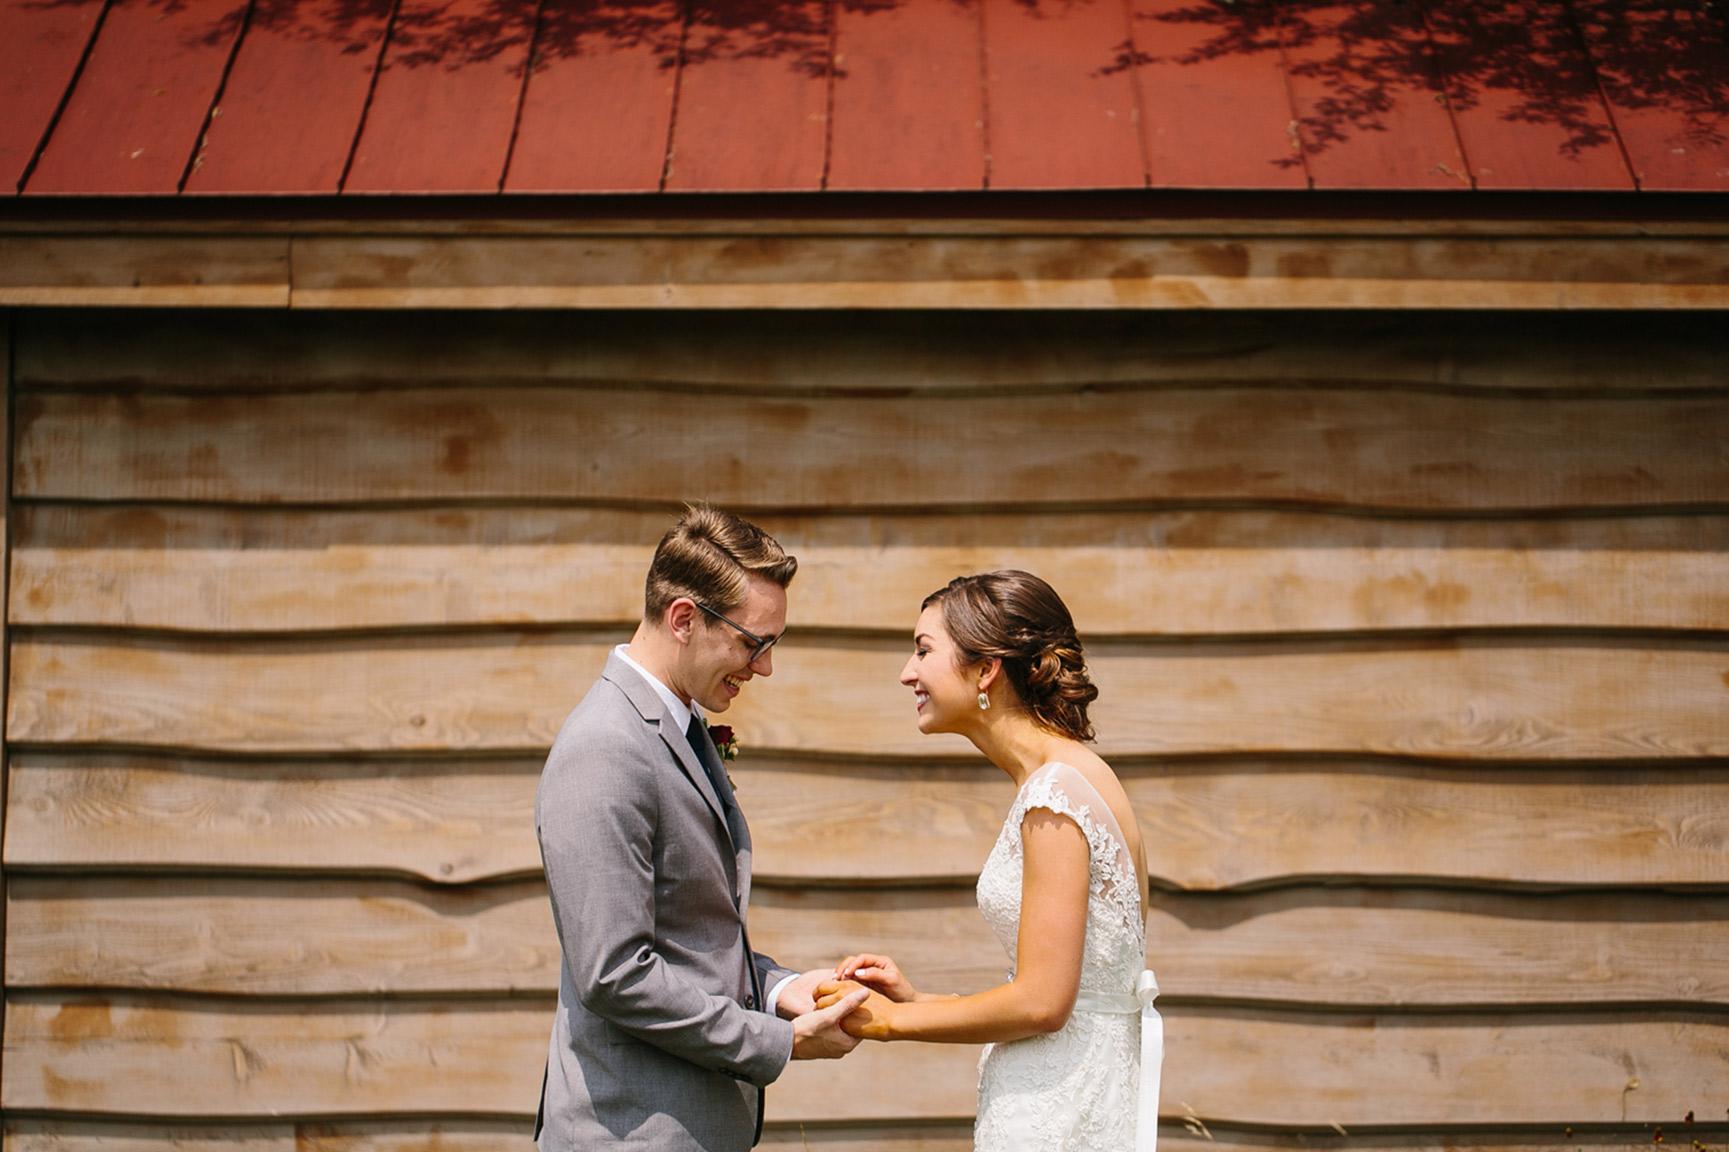 Austin_WeddingPhotographerWARRWEDDING007.jpg